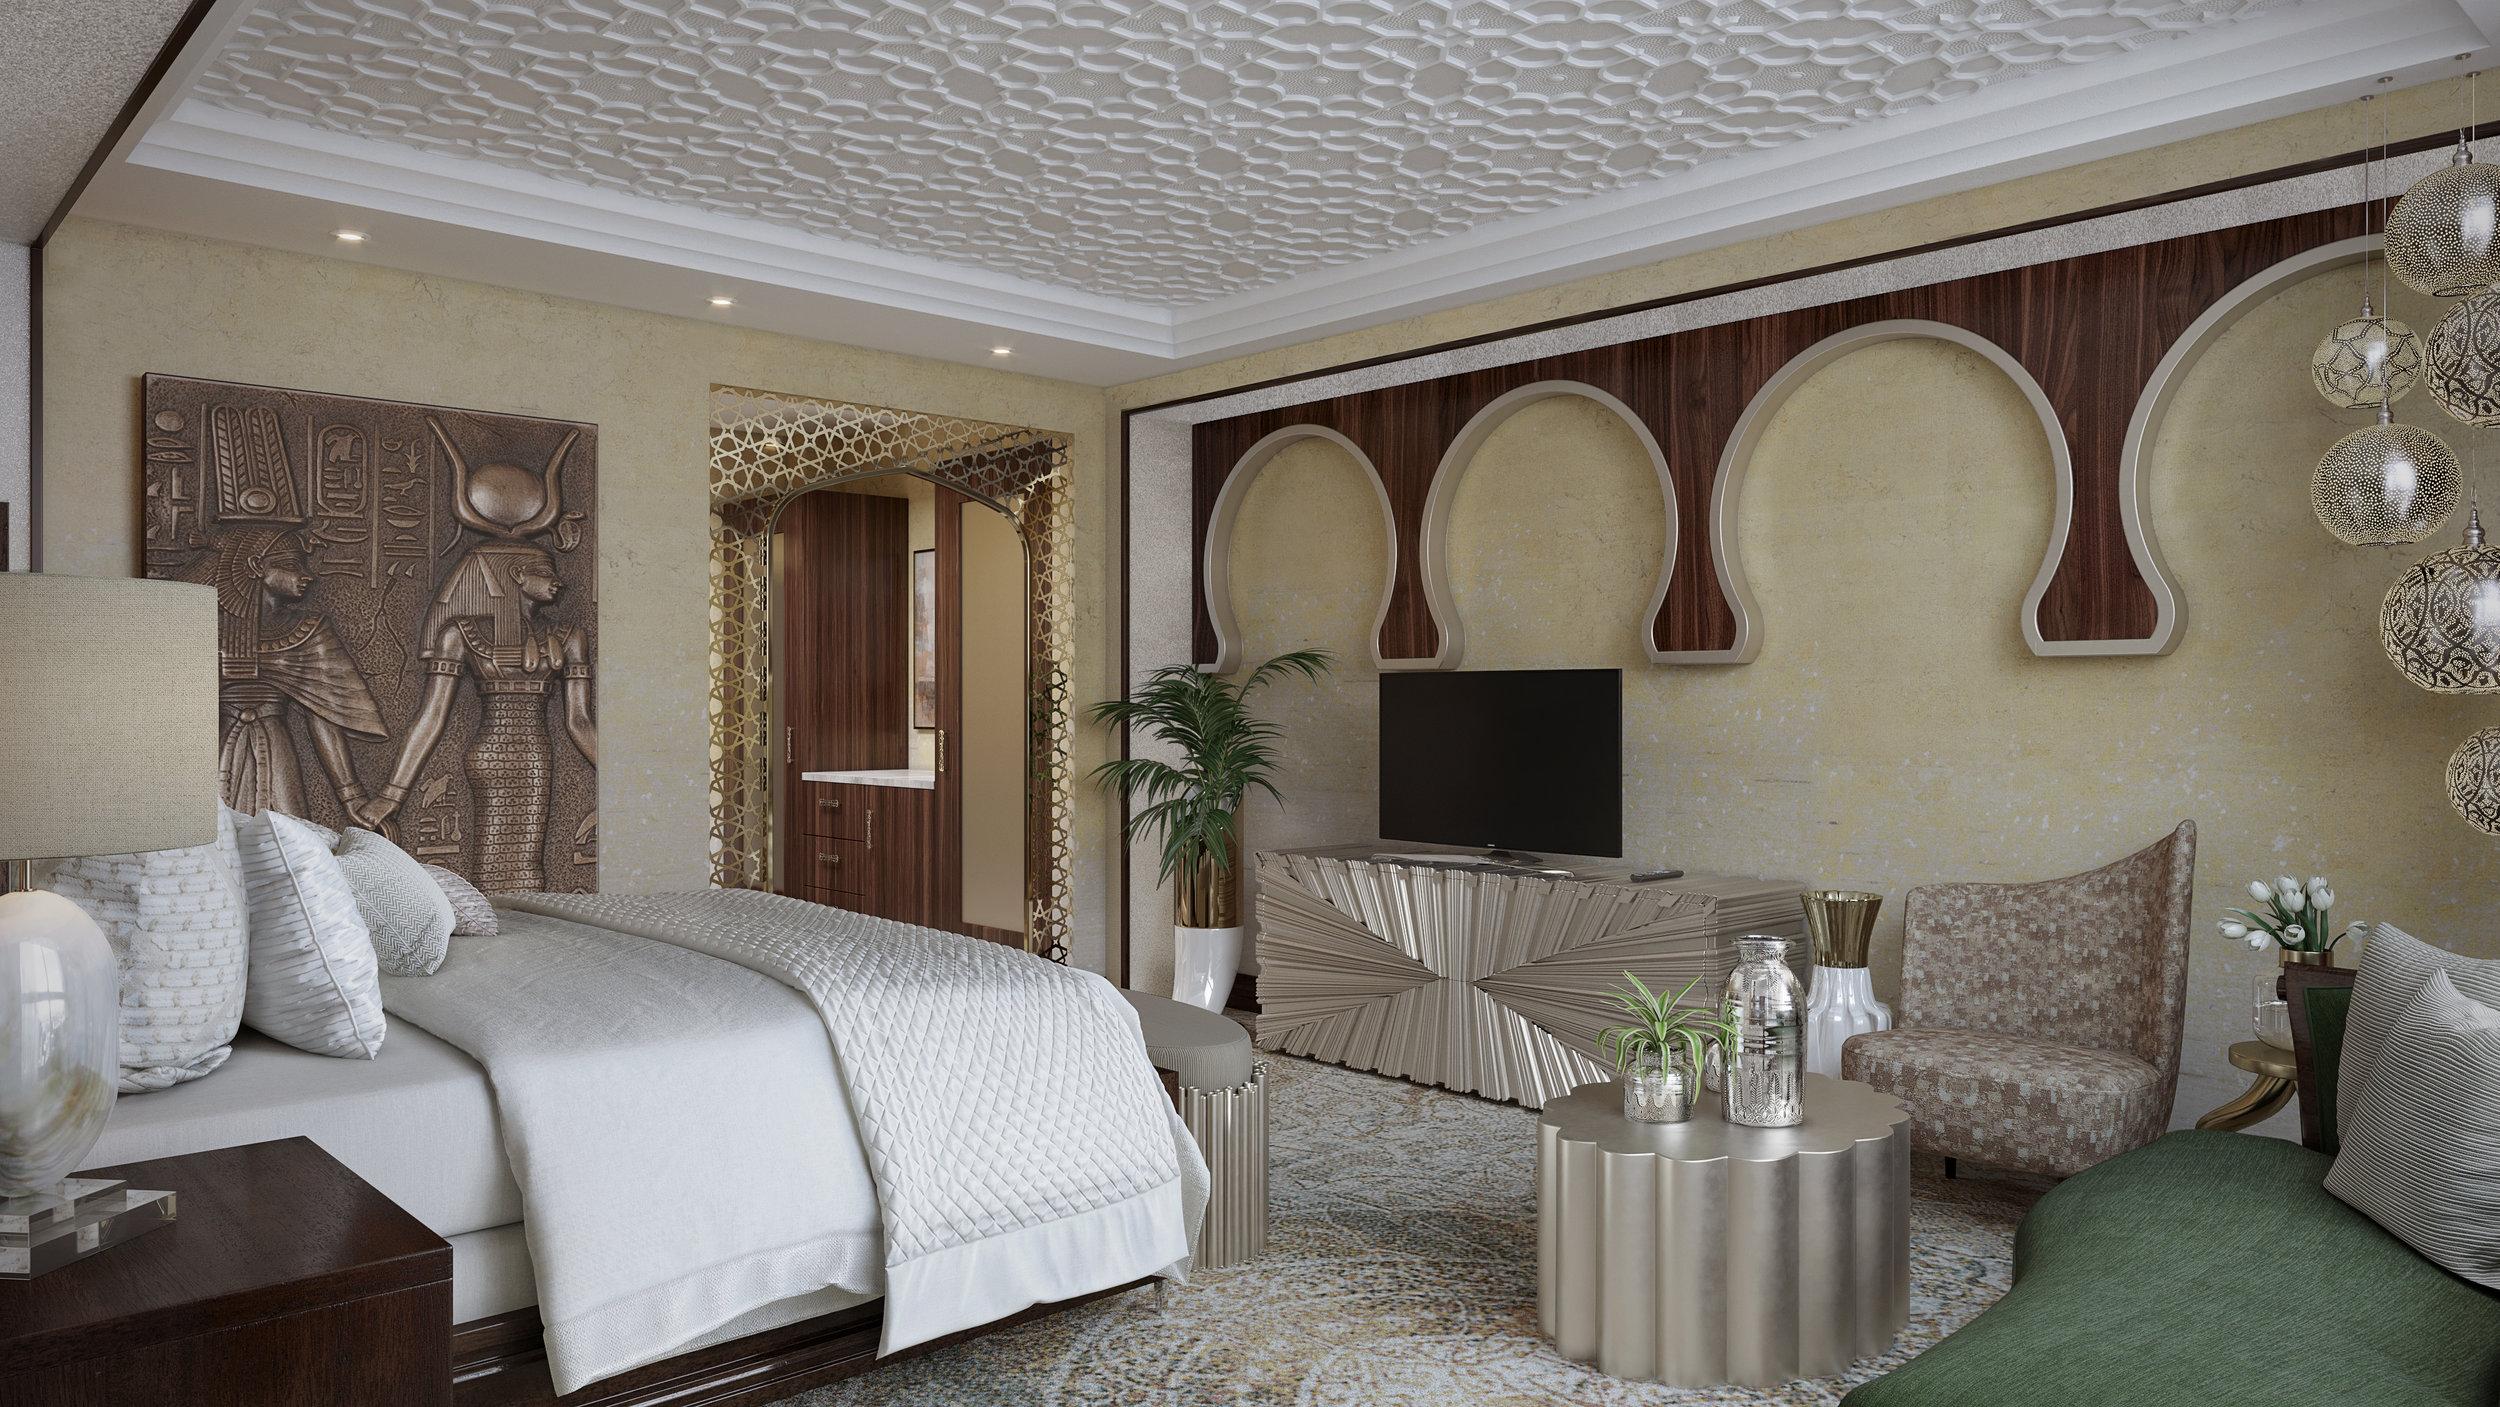 129957_Raha_Hotel_02.jpg